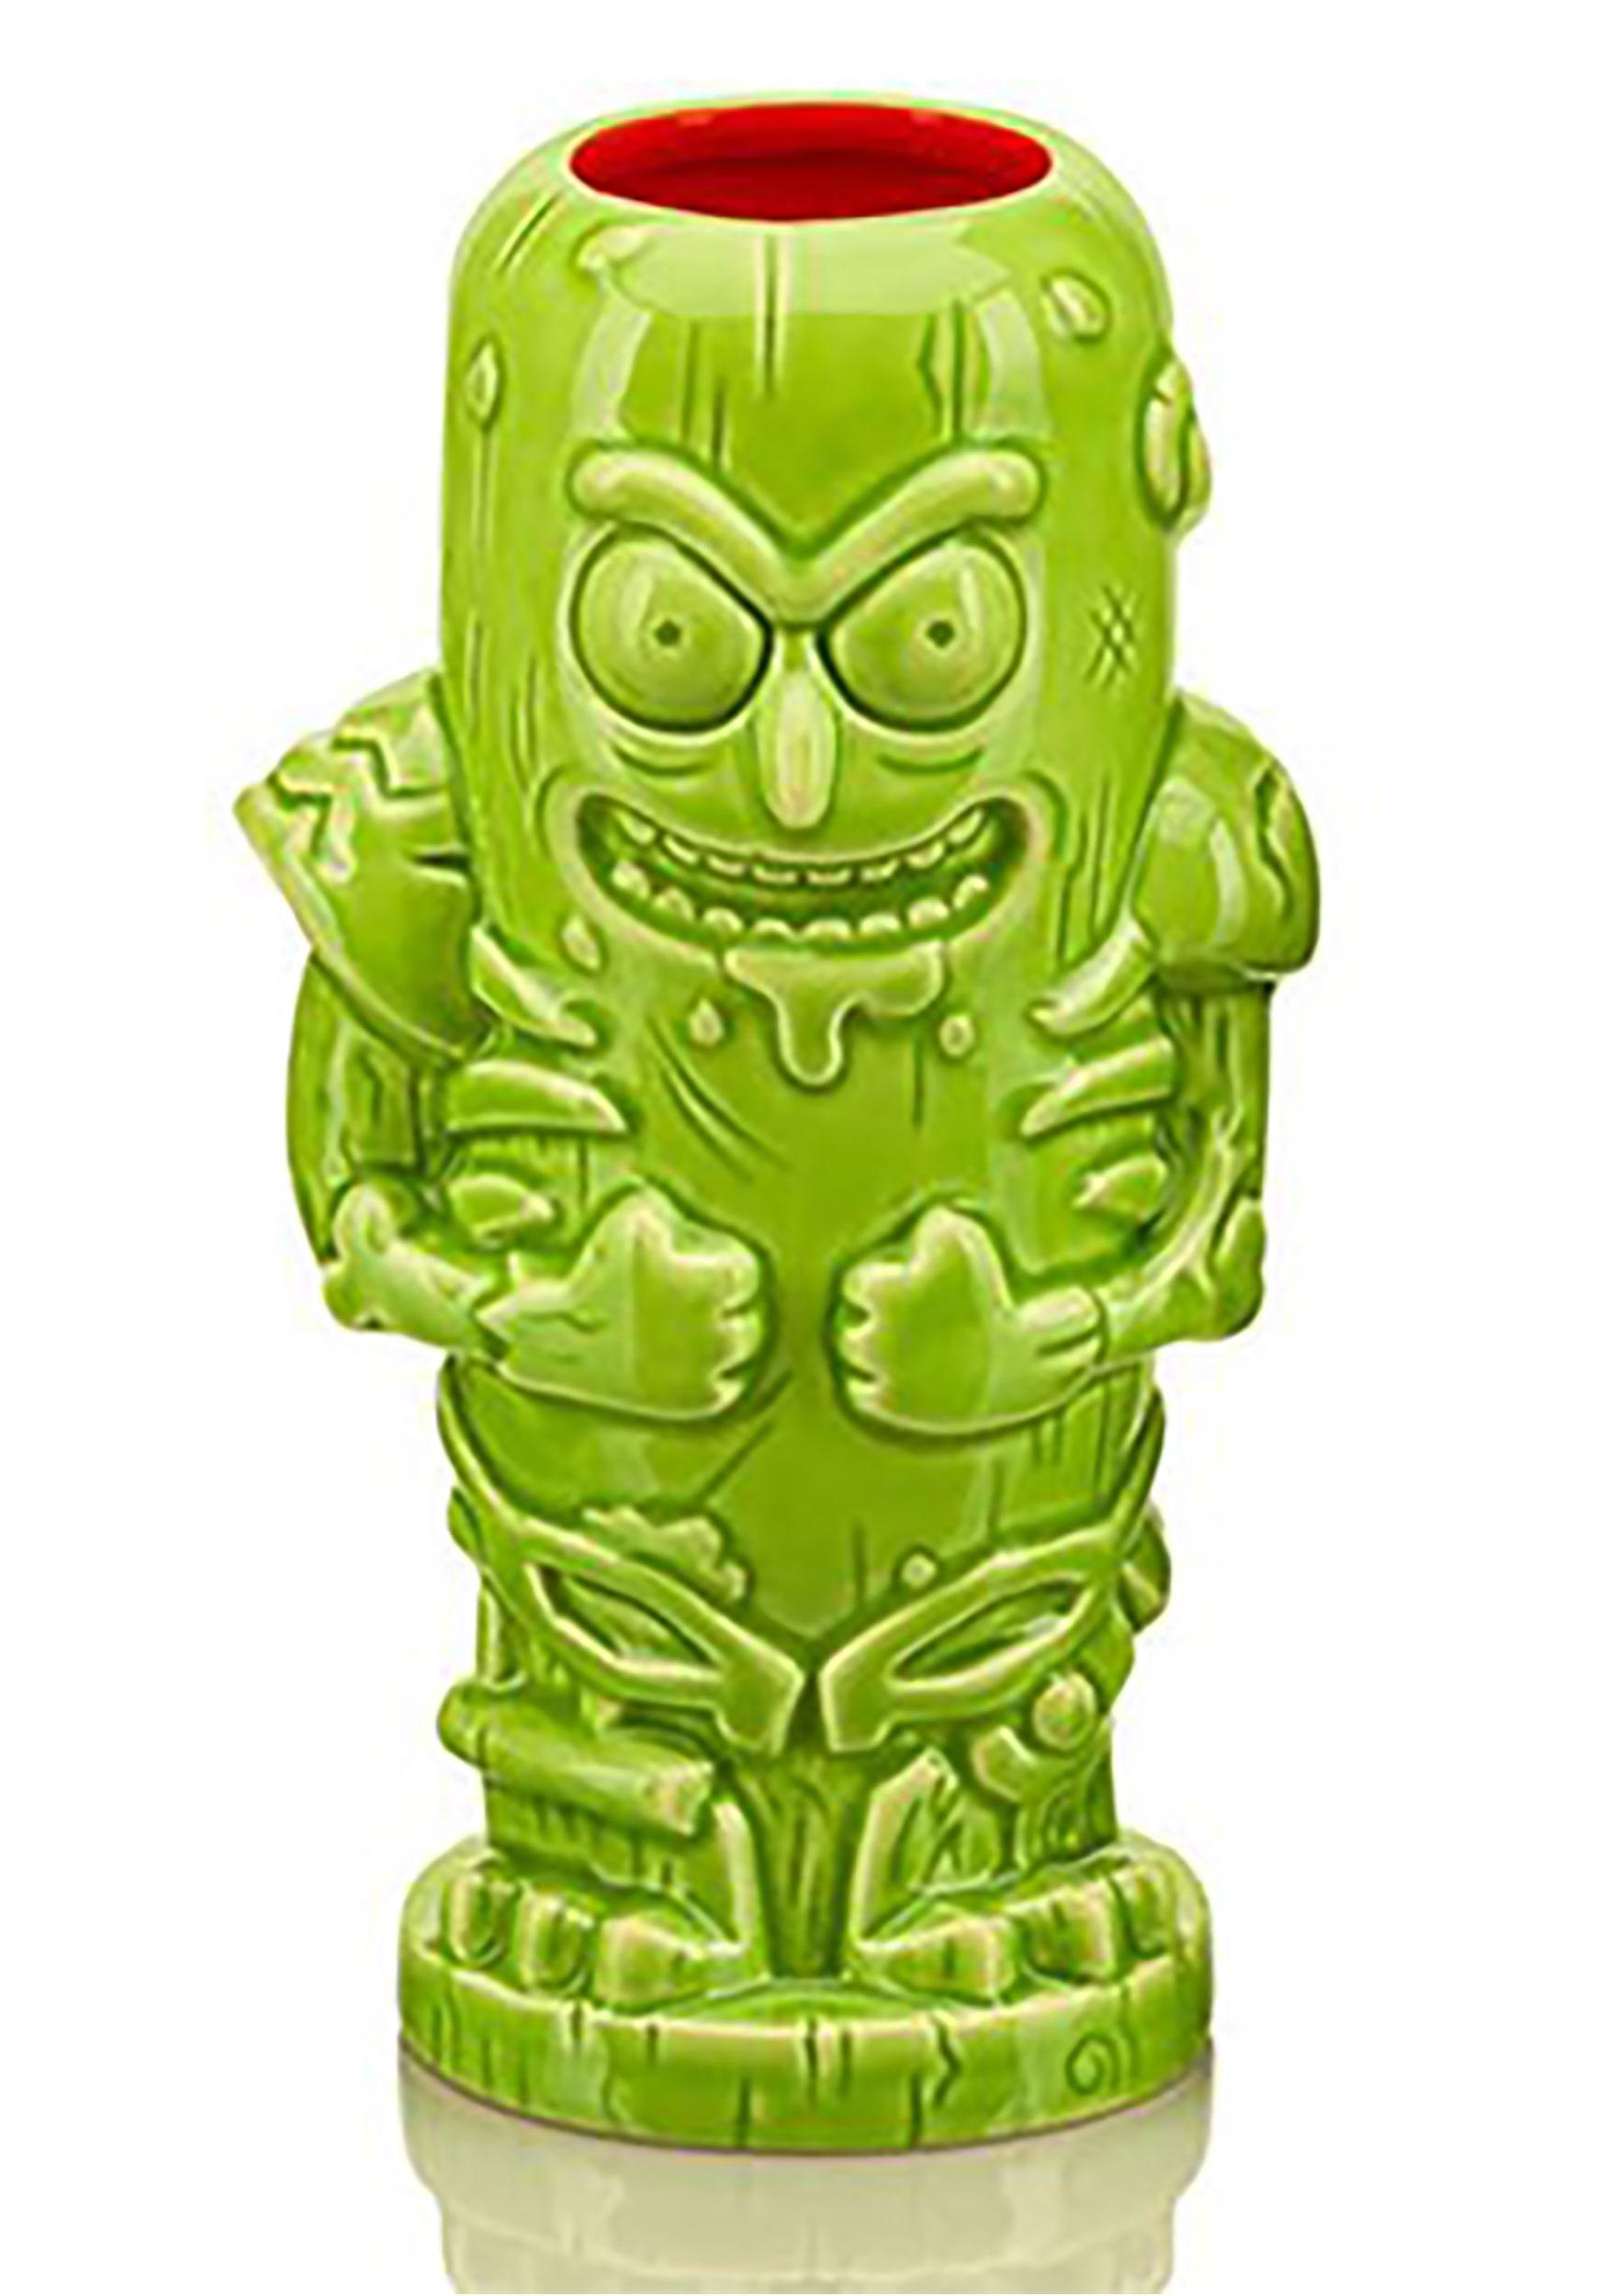 Rick and Morty- Pickle Rick Geeki Tikis Mug